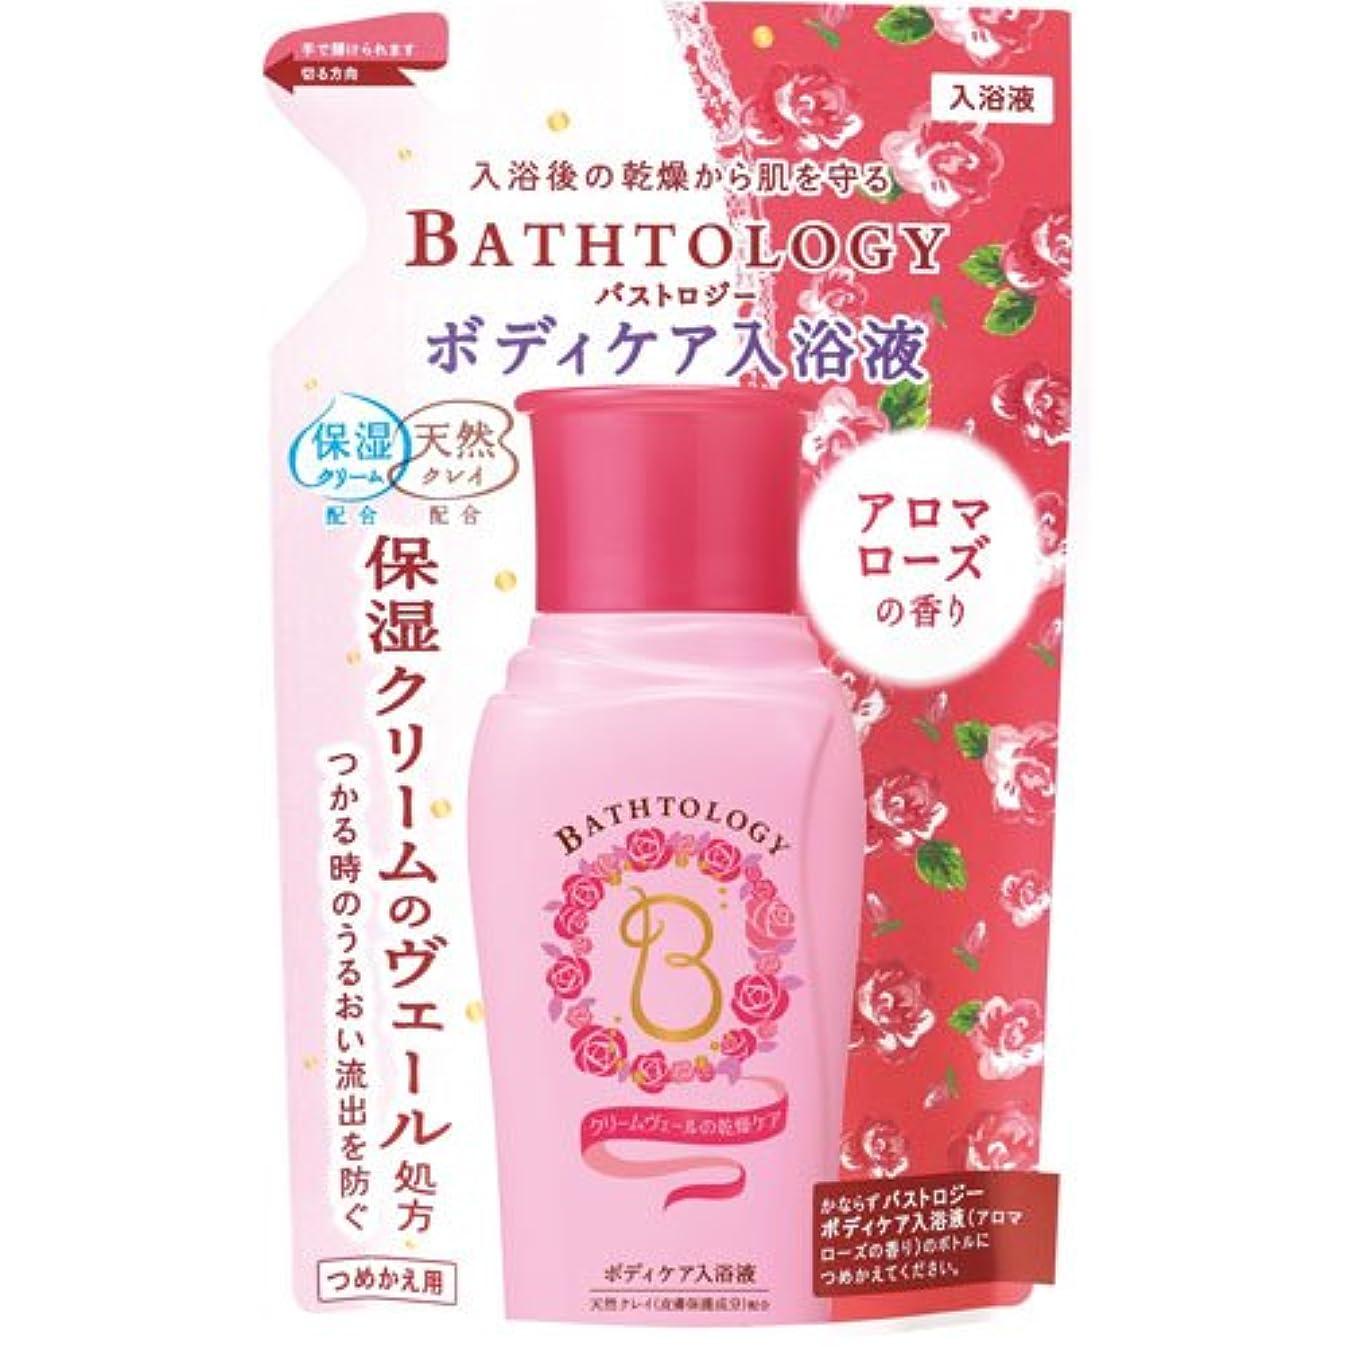 そうプログラム授業料BATHTOLOGY ボディケア入浴液 アロマローズの香り つめかえ用 360mL